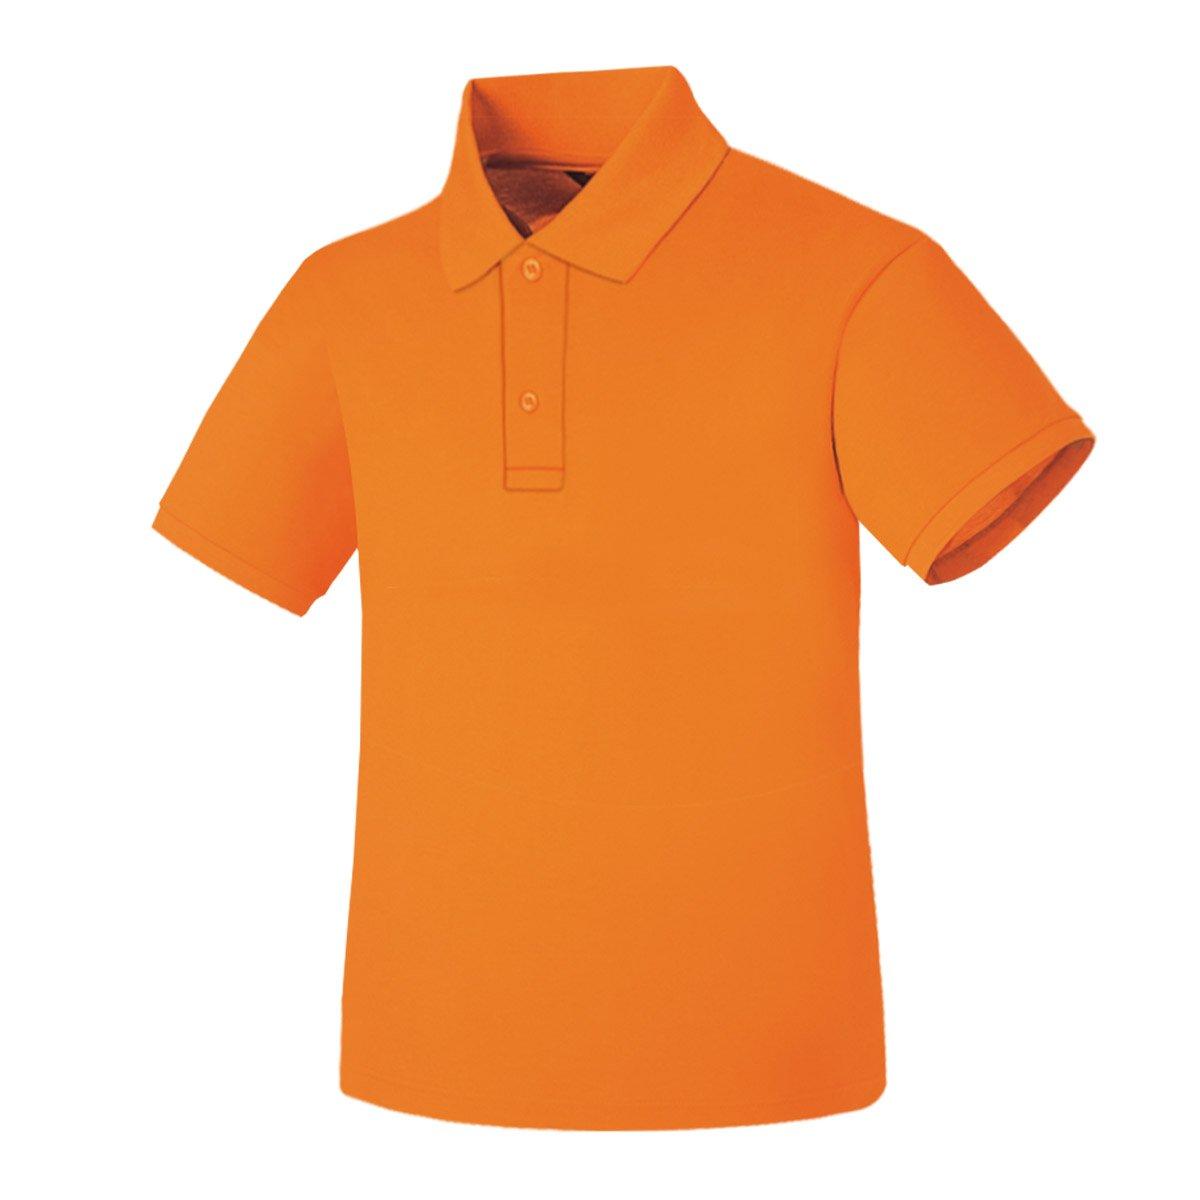 myglory77mall Camiseta sin Mangas con Cuello en Pico Estilo para ...